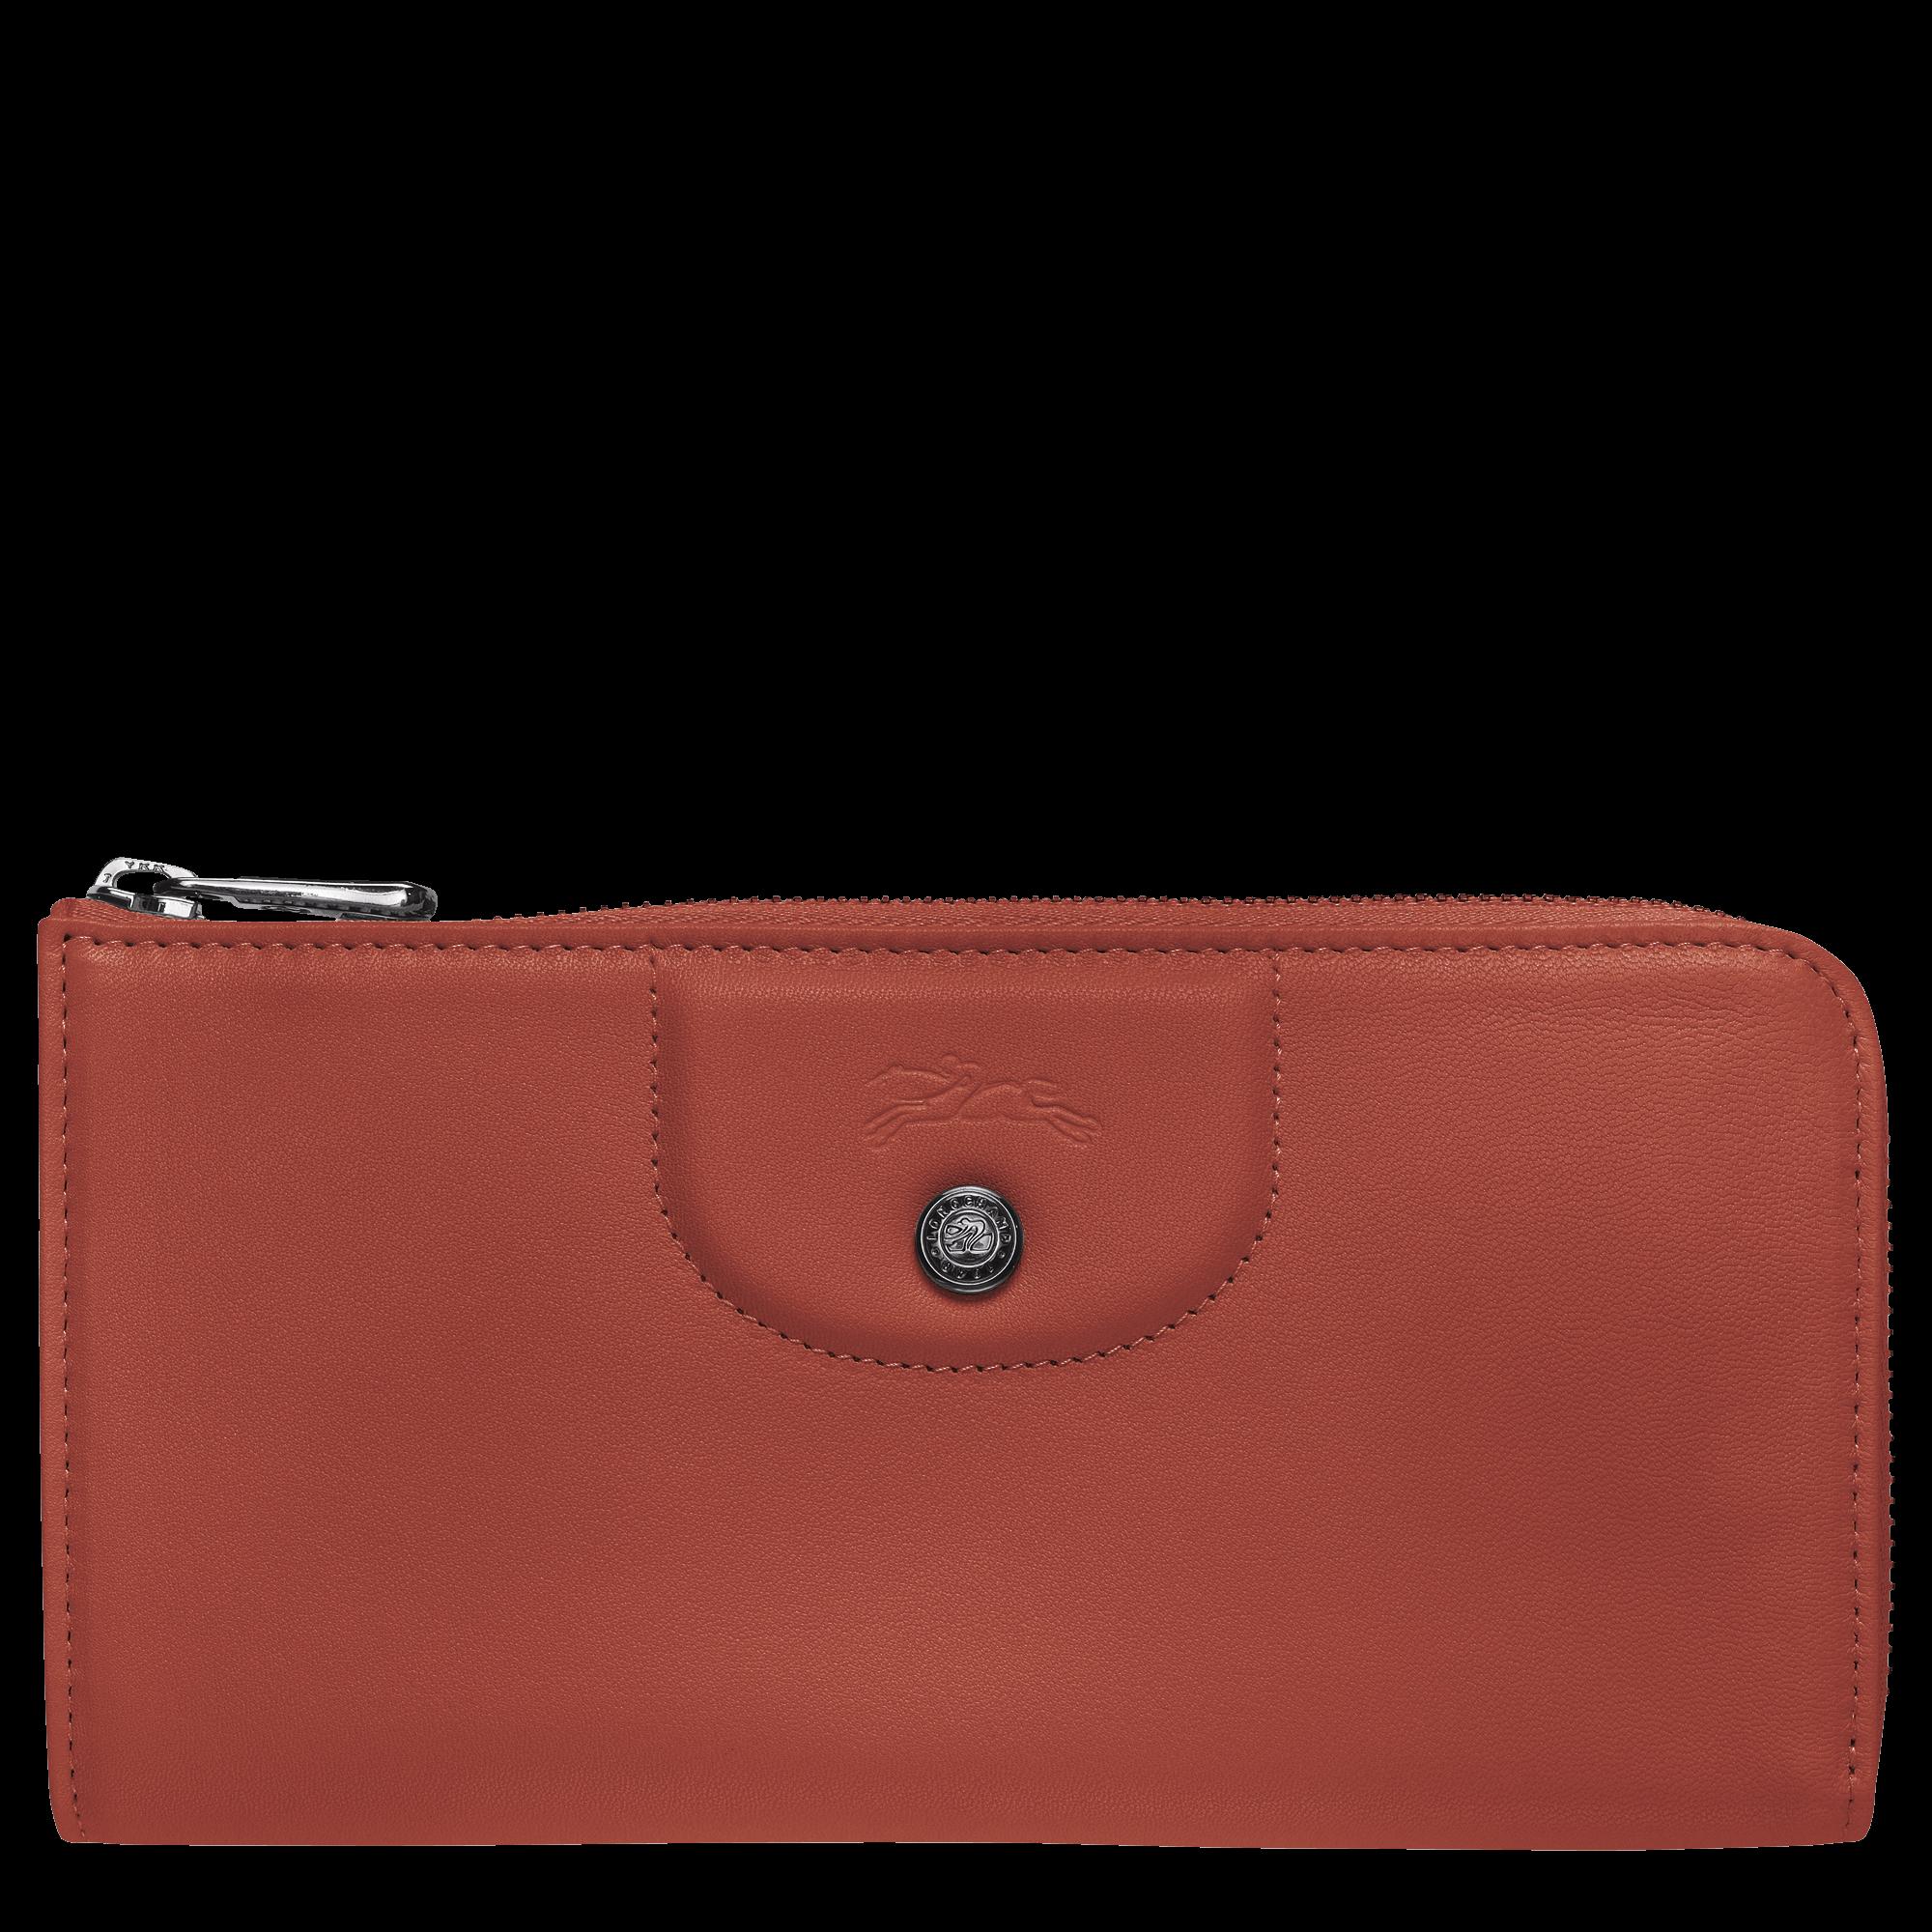 50代女性にぴったり「ロンシャン」の長財布